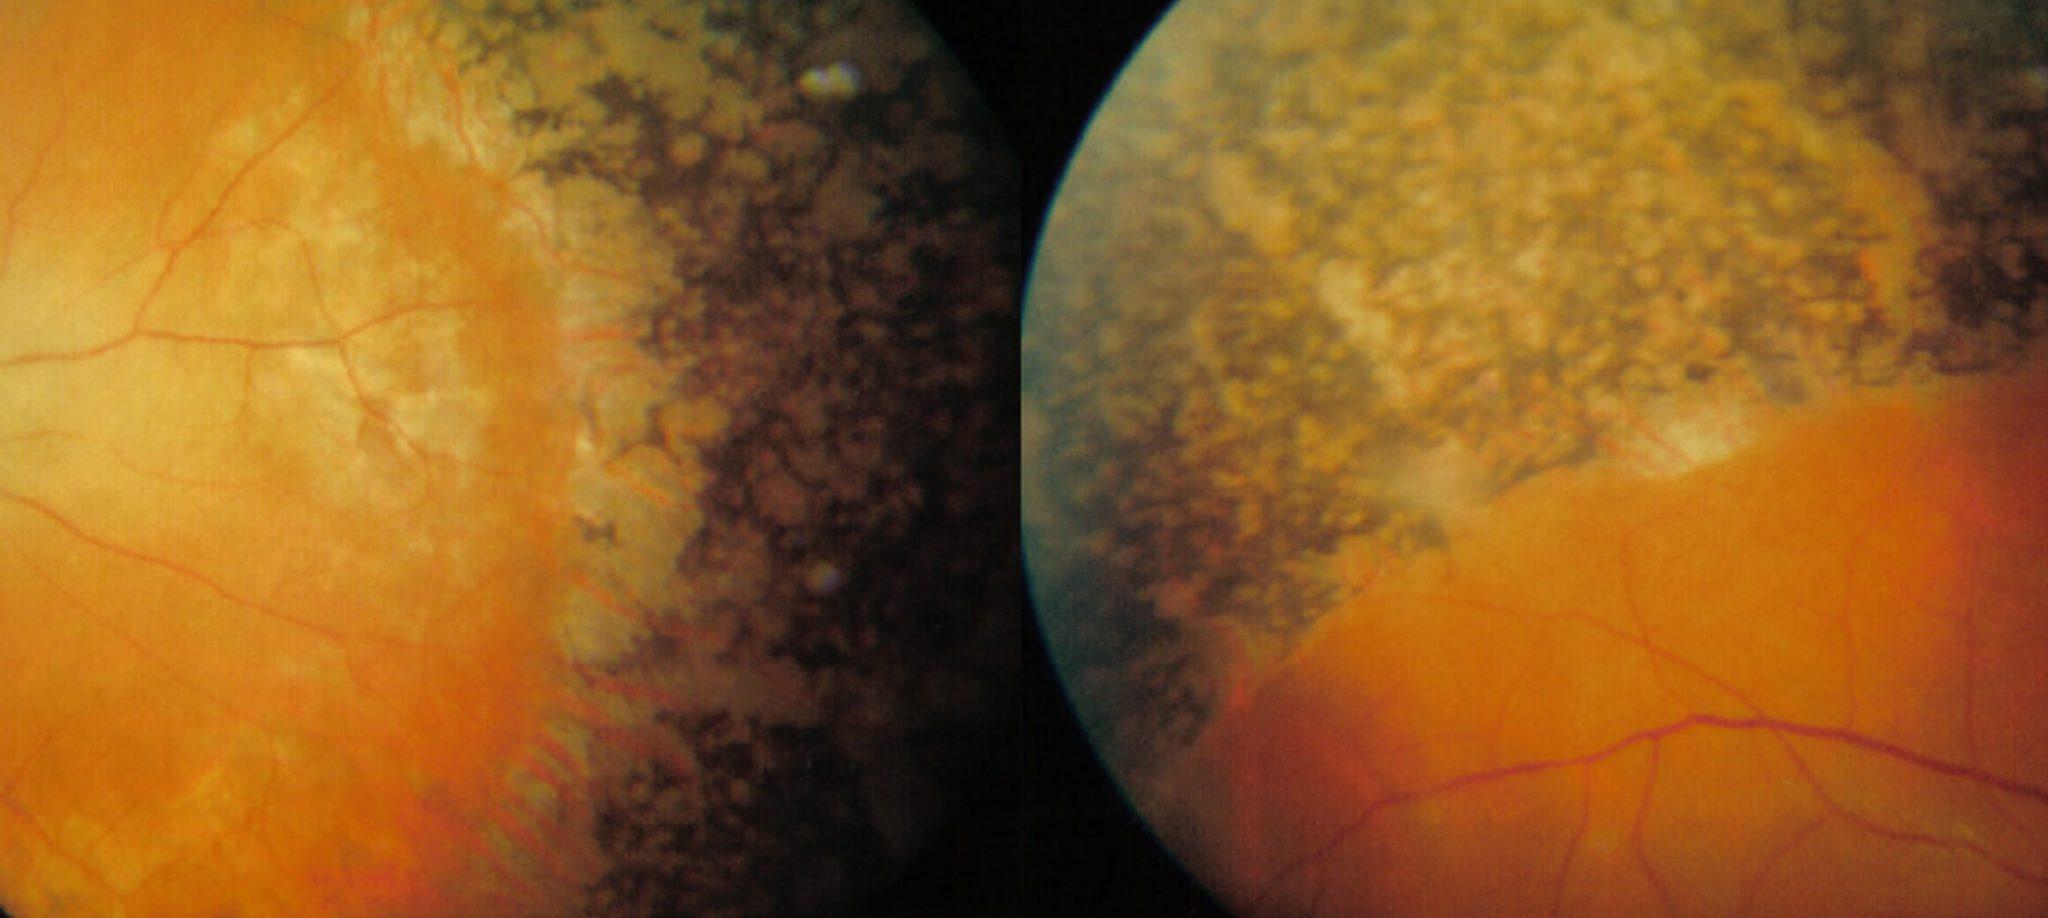 Augenhintergrund einer Person mit Retinopathia pigmentosa (in diesem Fall Refsum-Syndrom).